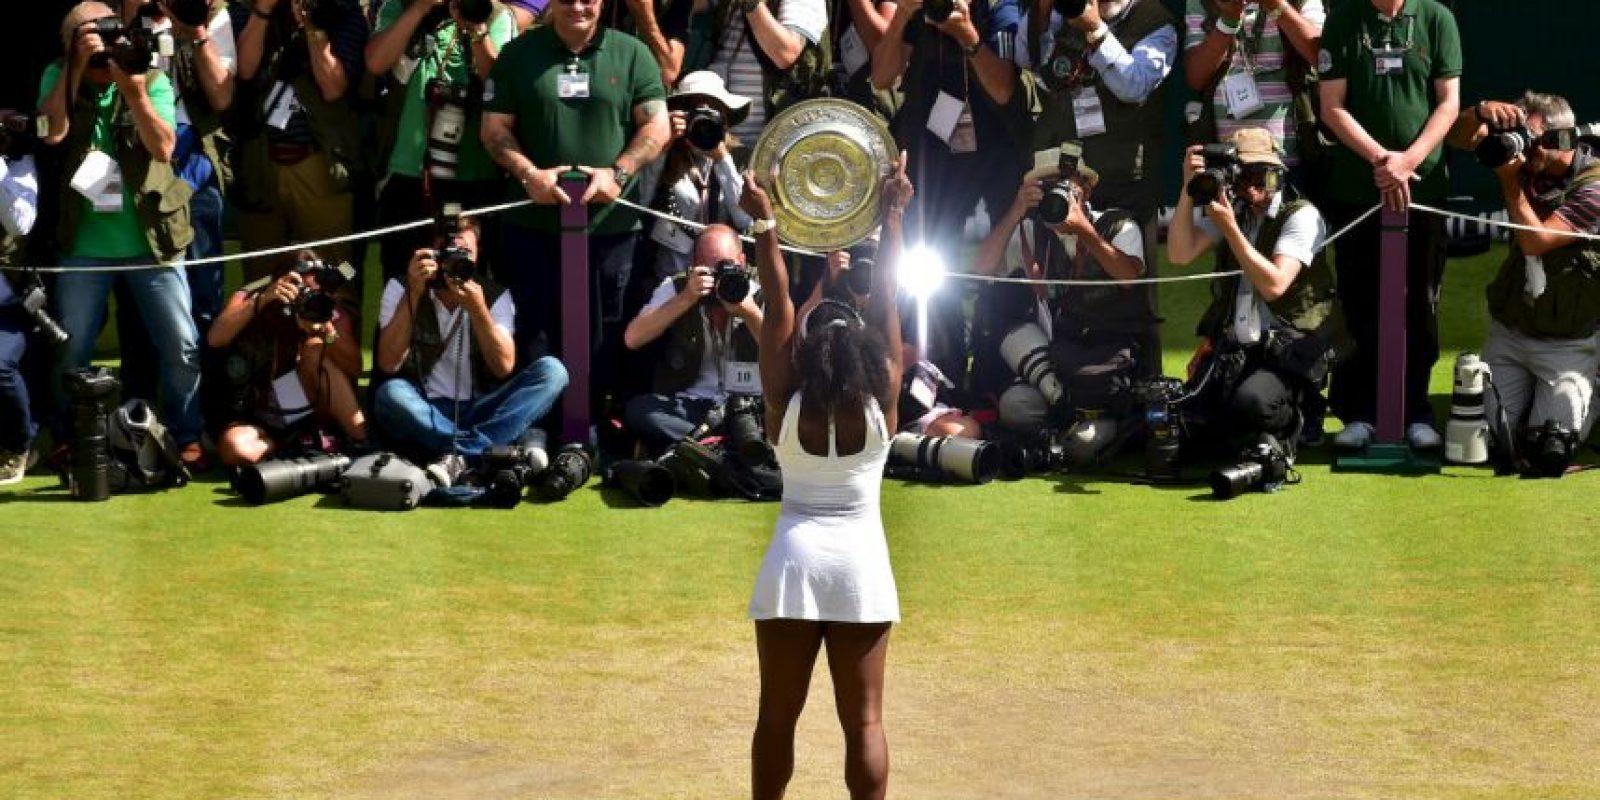 La tenista estadounidense Serena Williams posa con el trofeo del ganador de Wimbledon. Foto:AFP